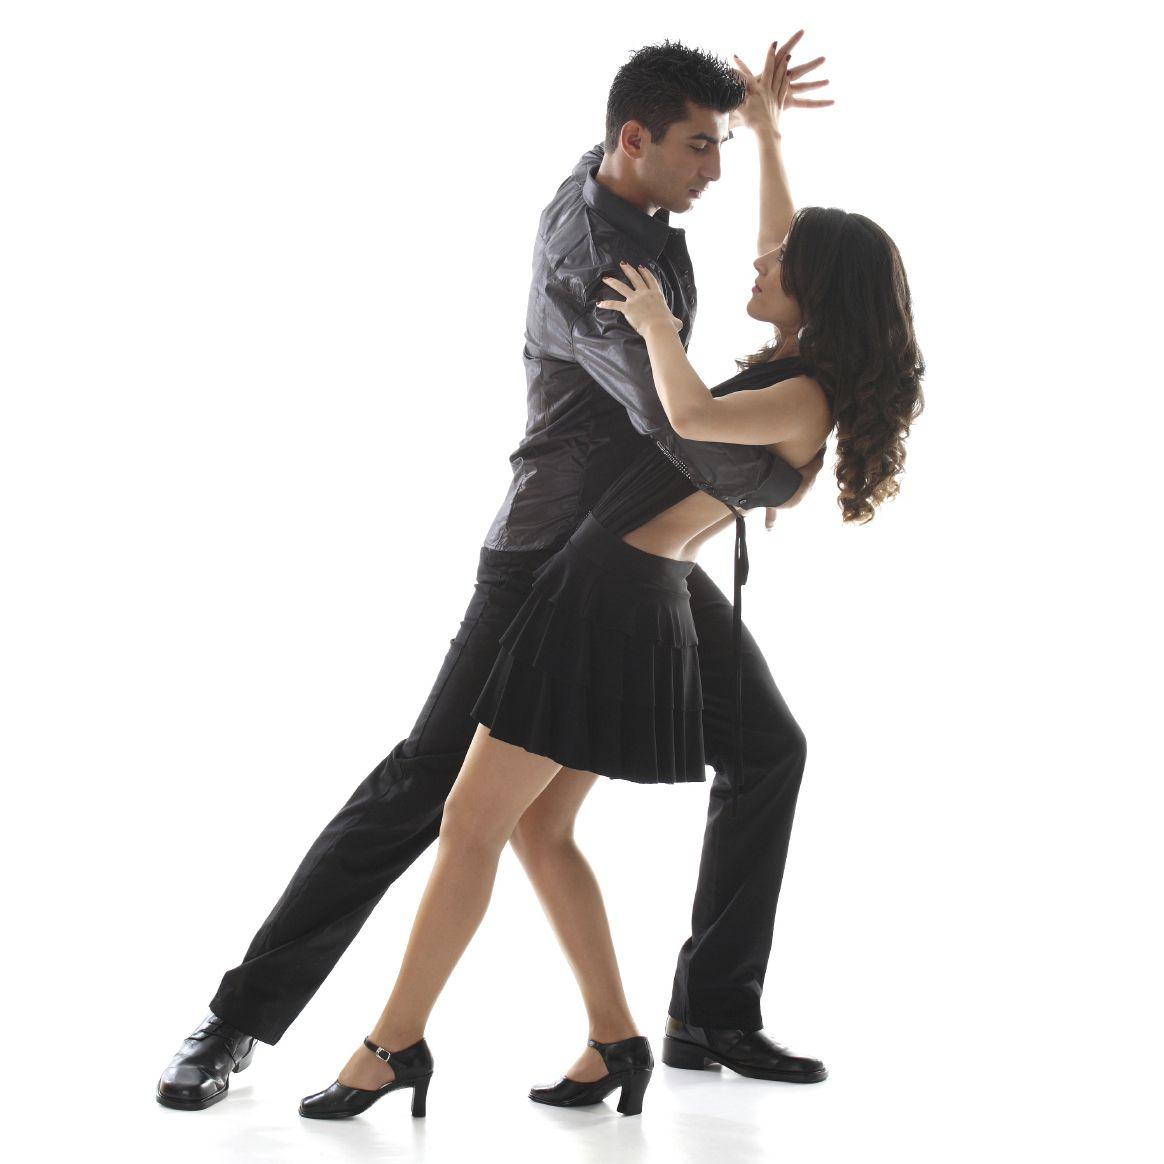 La salsa és un tipus de ball que es balla en parelles o grup, té el seu origen al segle XVII. Hi ha molts estils d'aquest ball com per exemple l'estil Cumbia, l'estil Los Ángeles o l'estil Nova York entre altres.